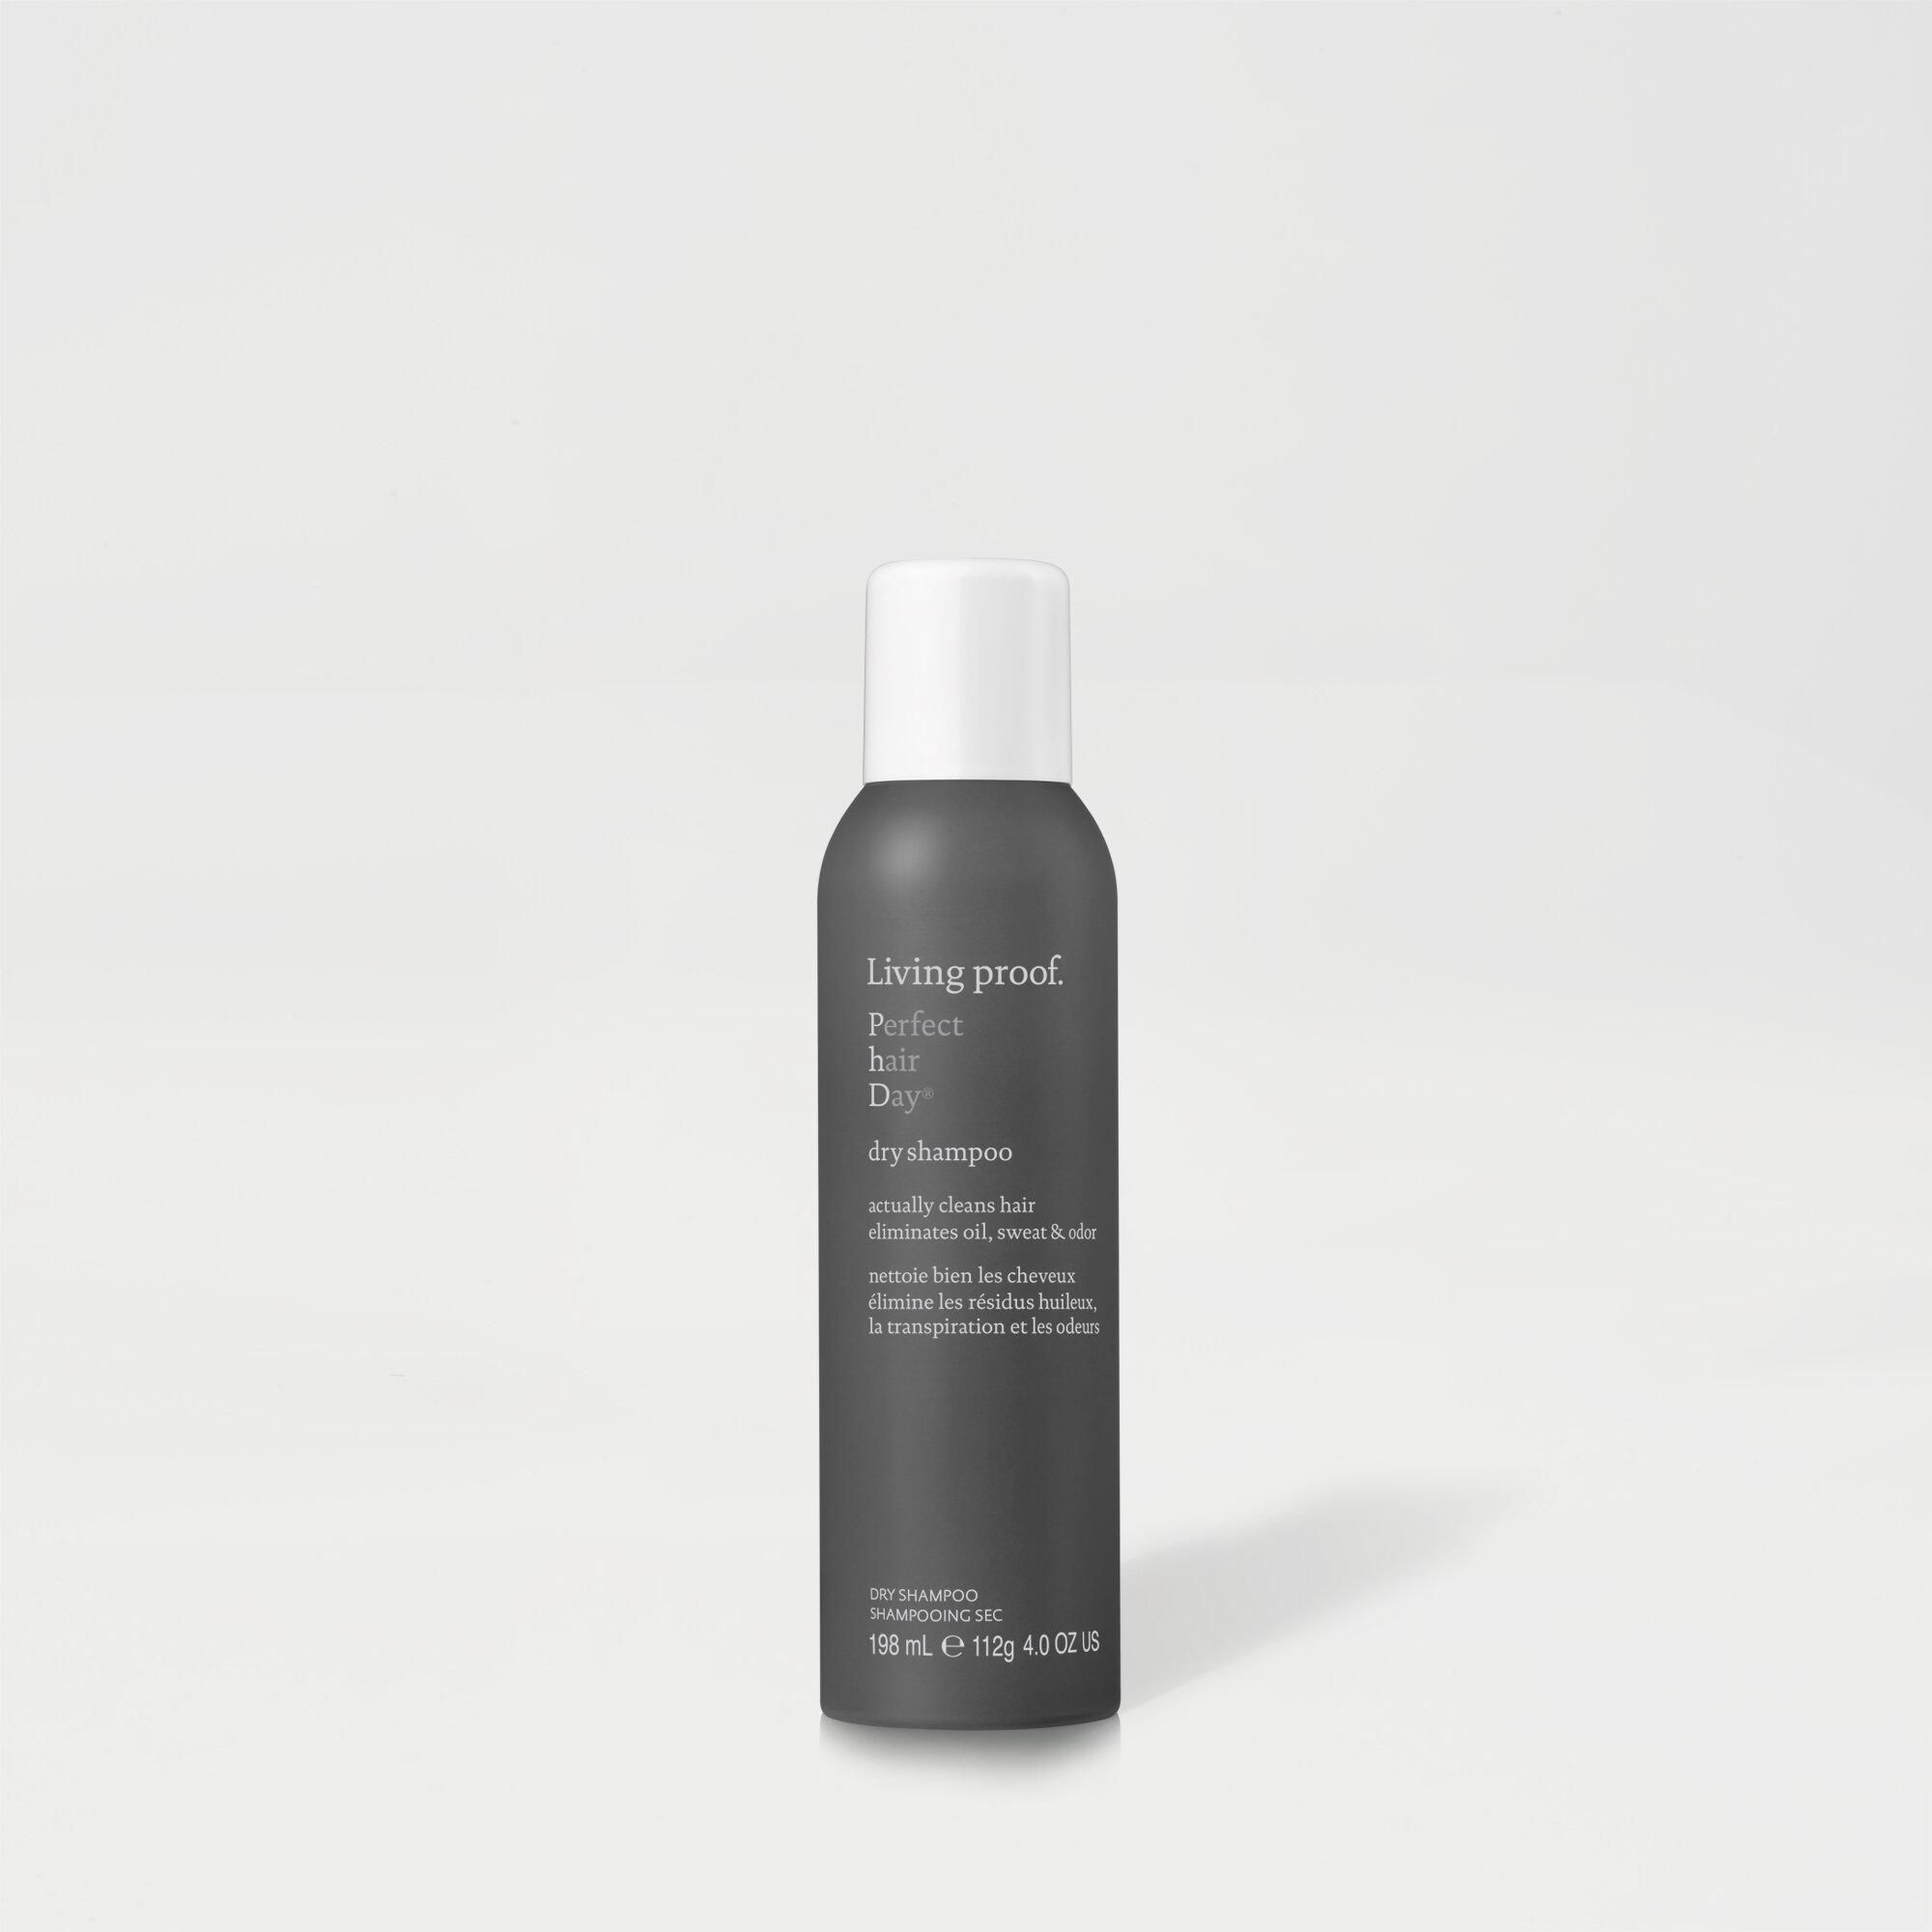 phd_dry_shampoo_reg.jpg